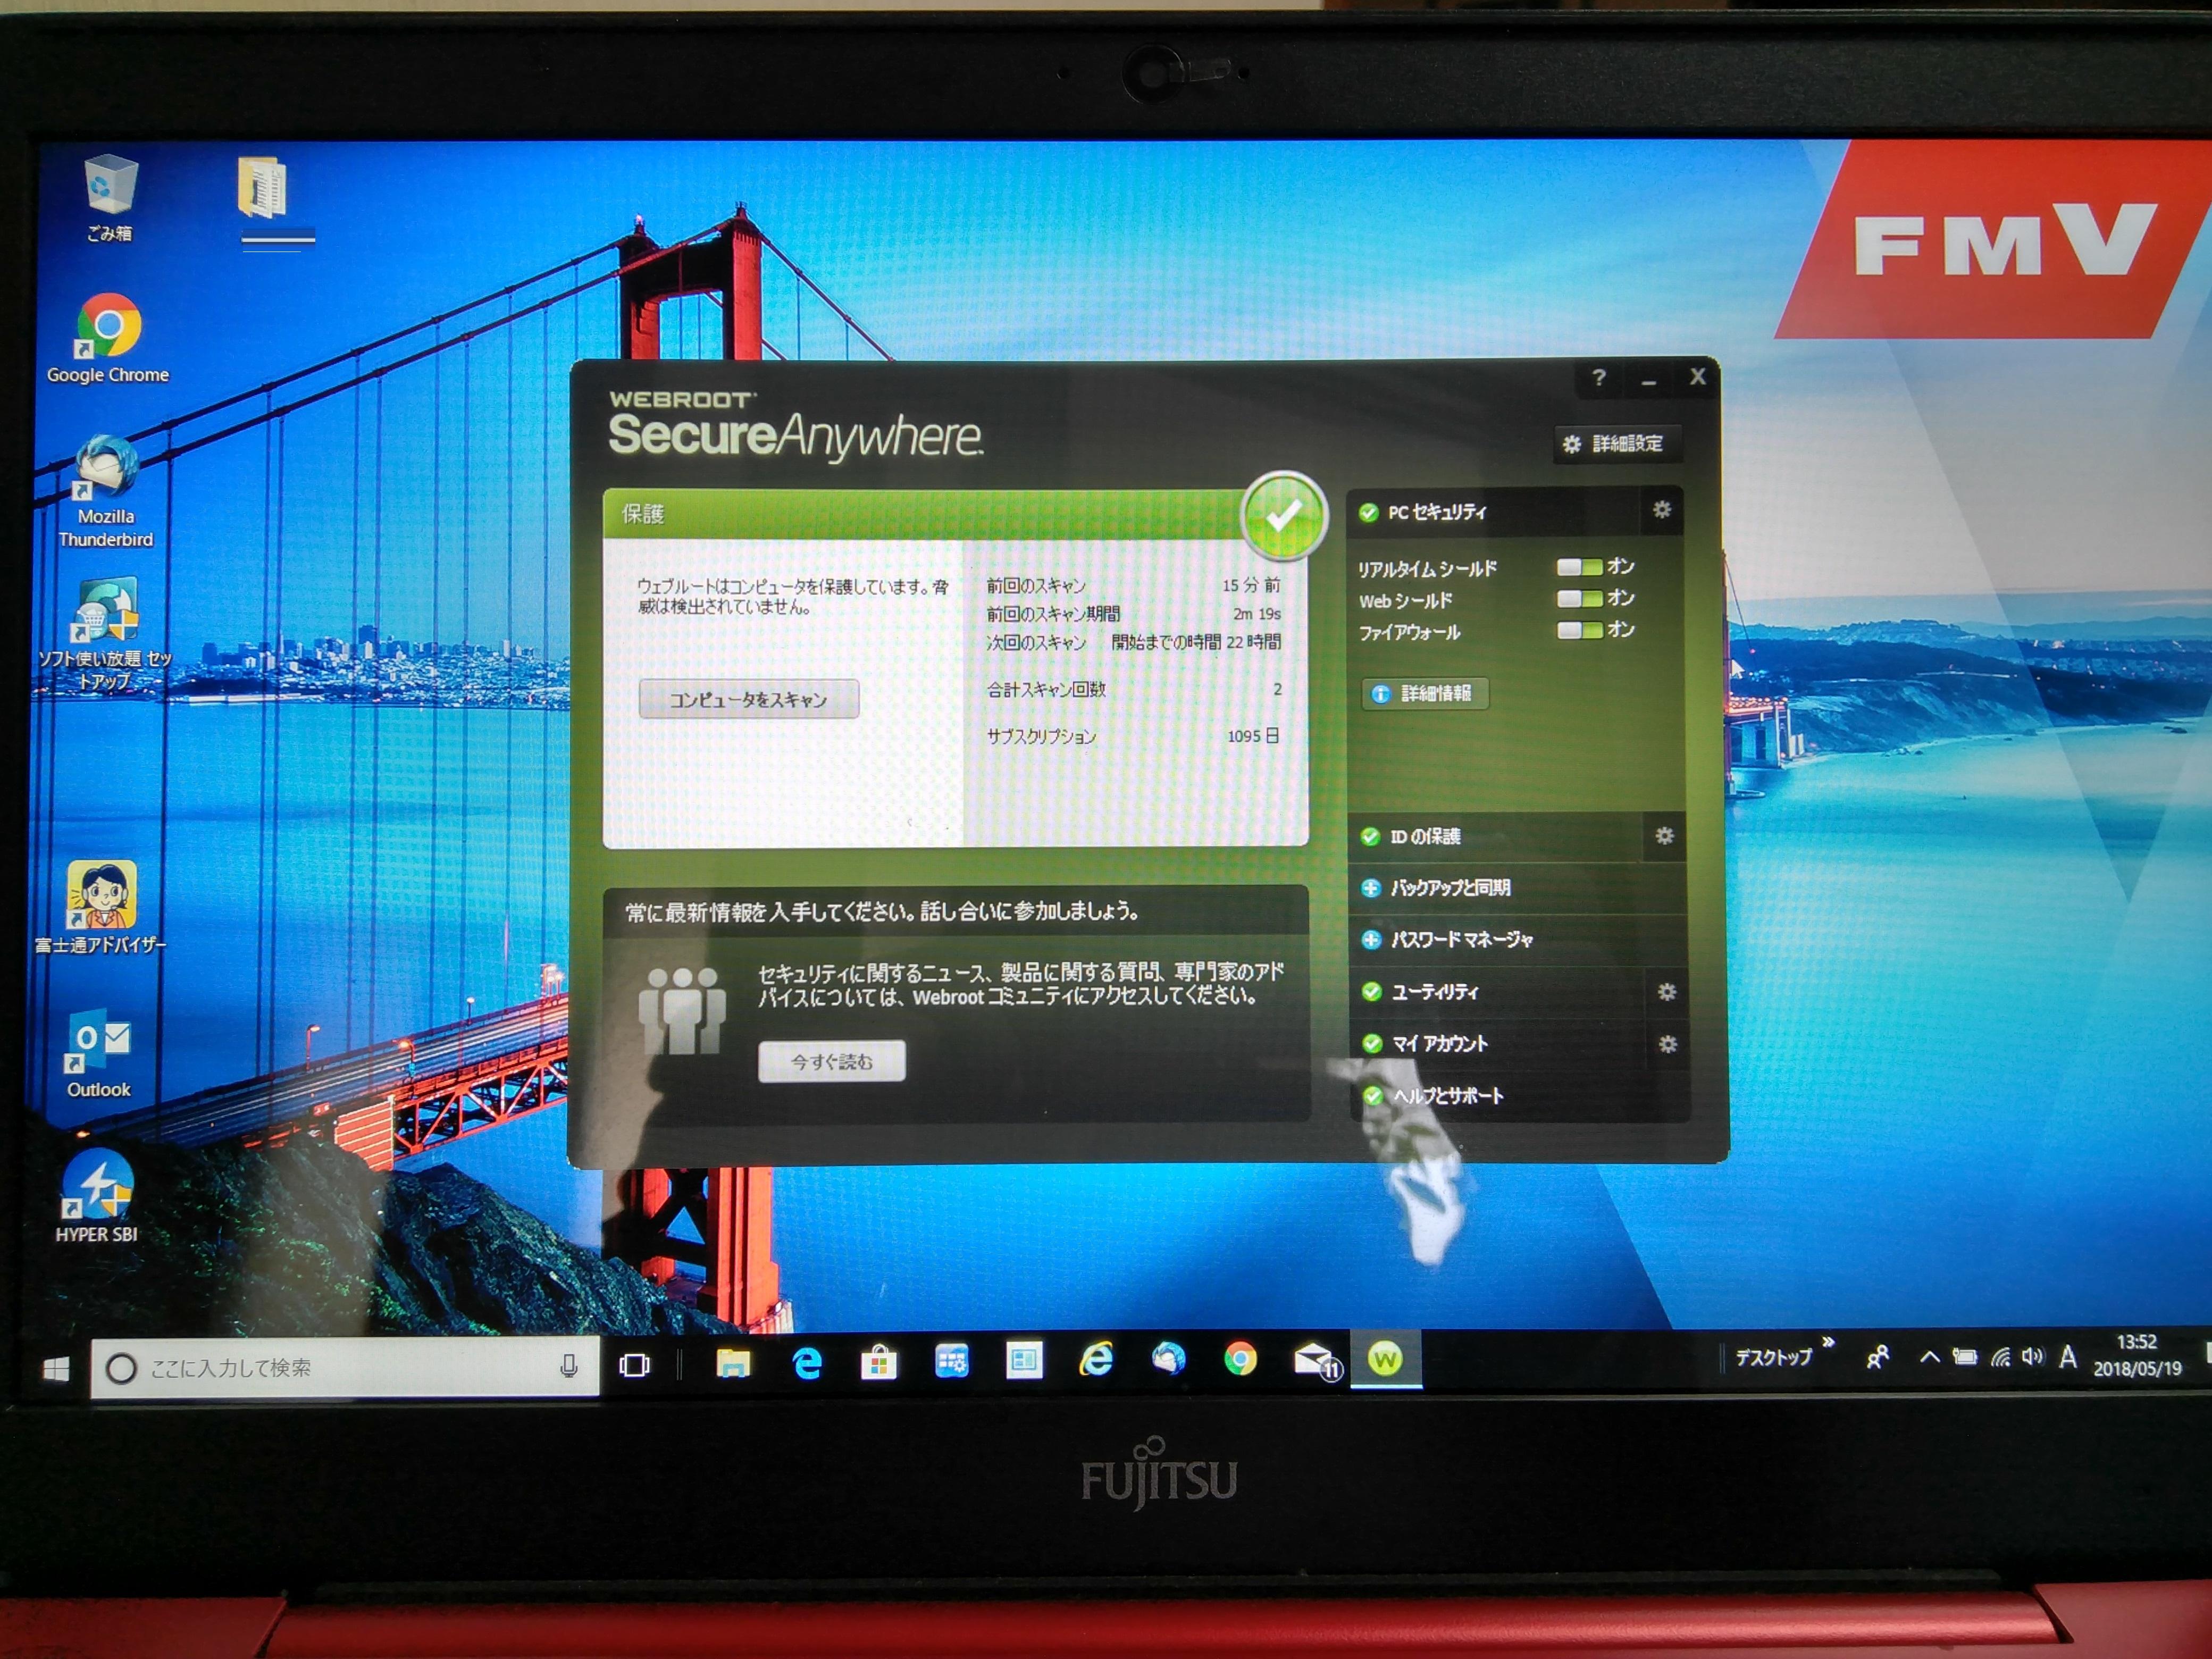 大阪府大阪市 ノートパソコンにメッセージが表示される/富士通 Windows 10のイメージ